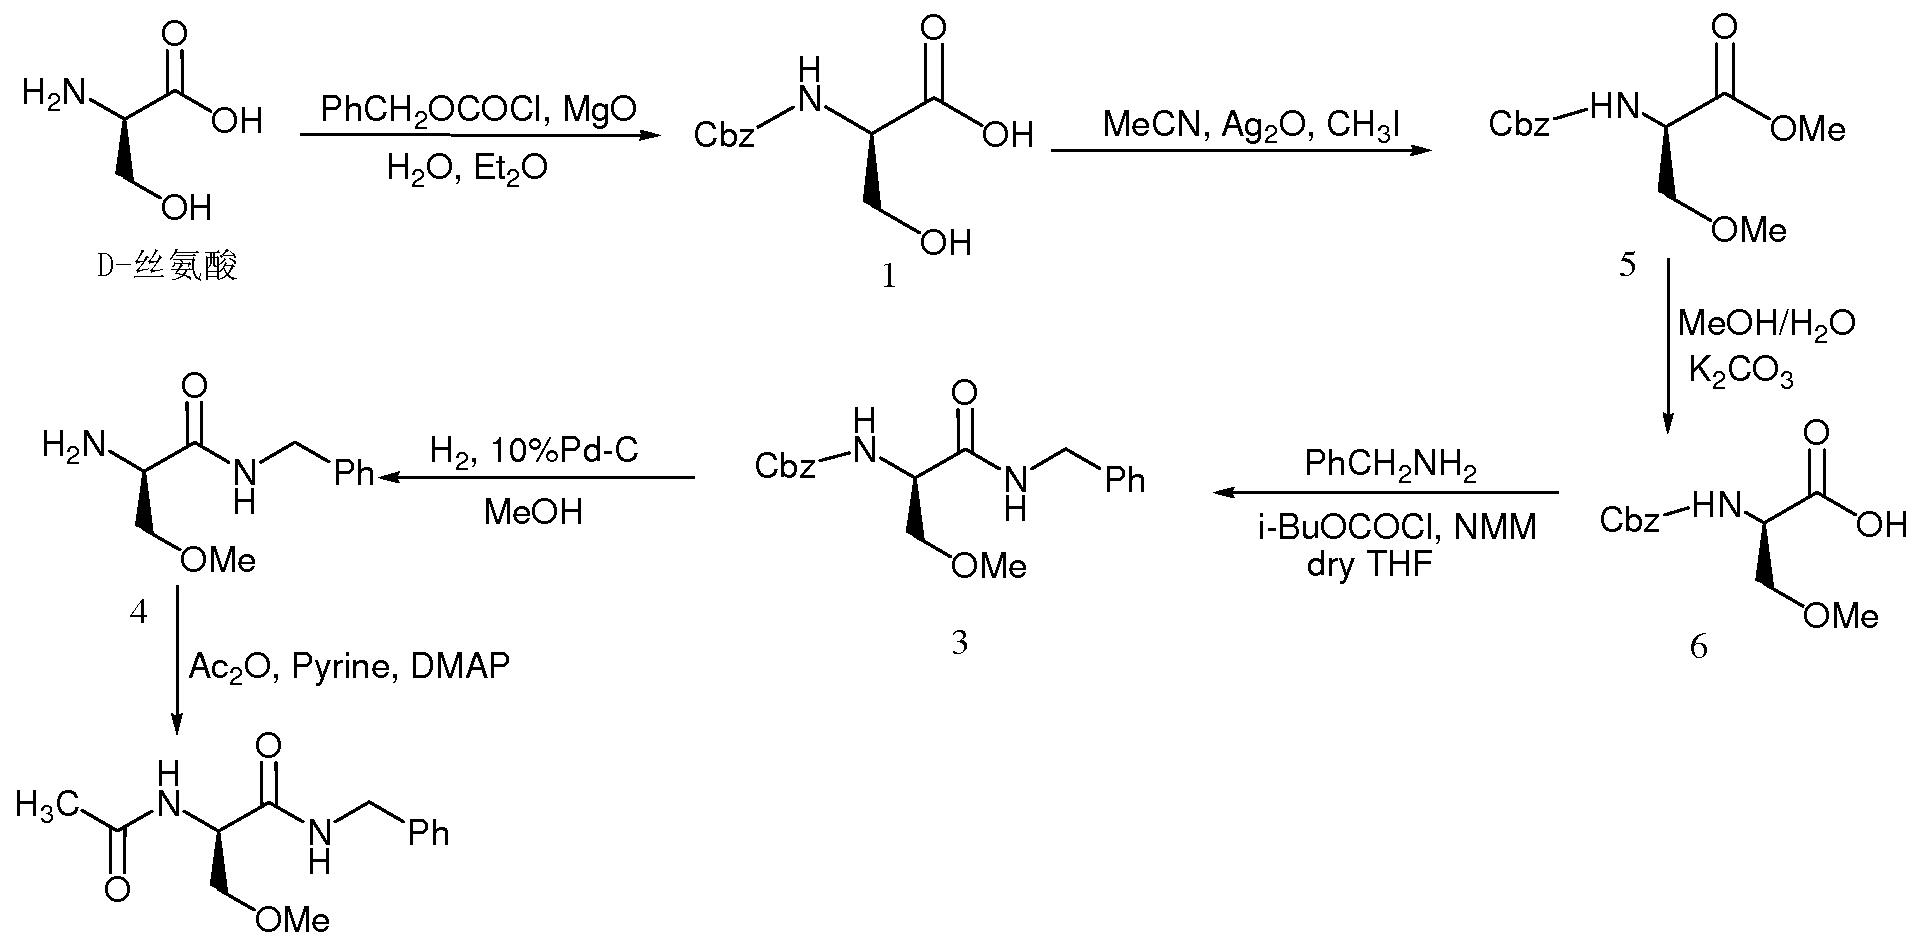 在拉科酰胺的制备过程中